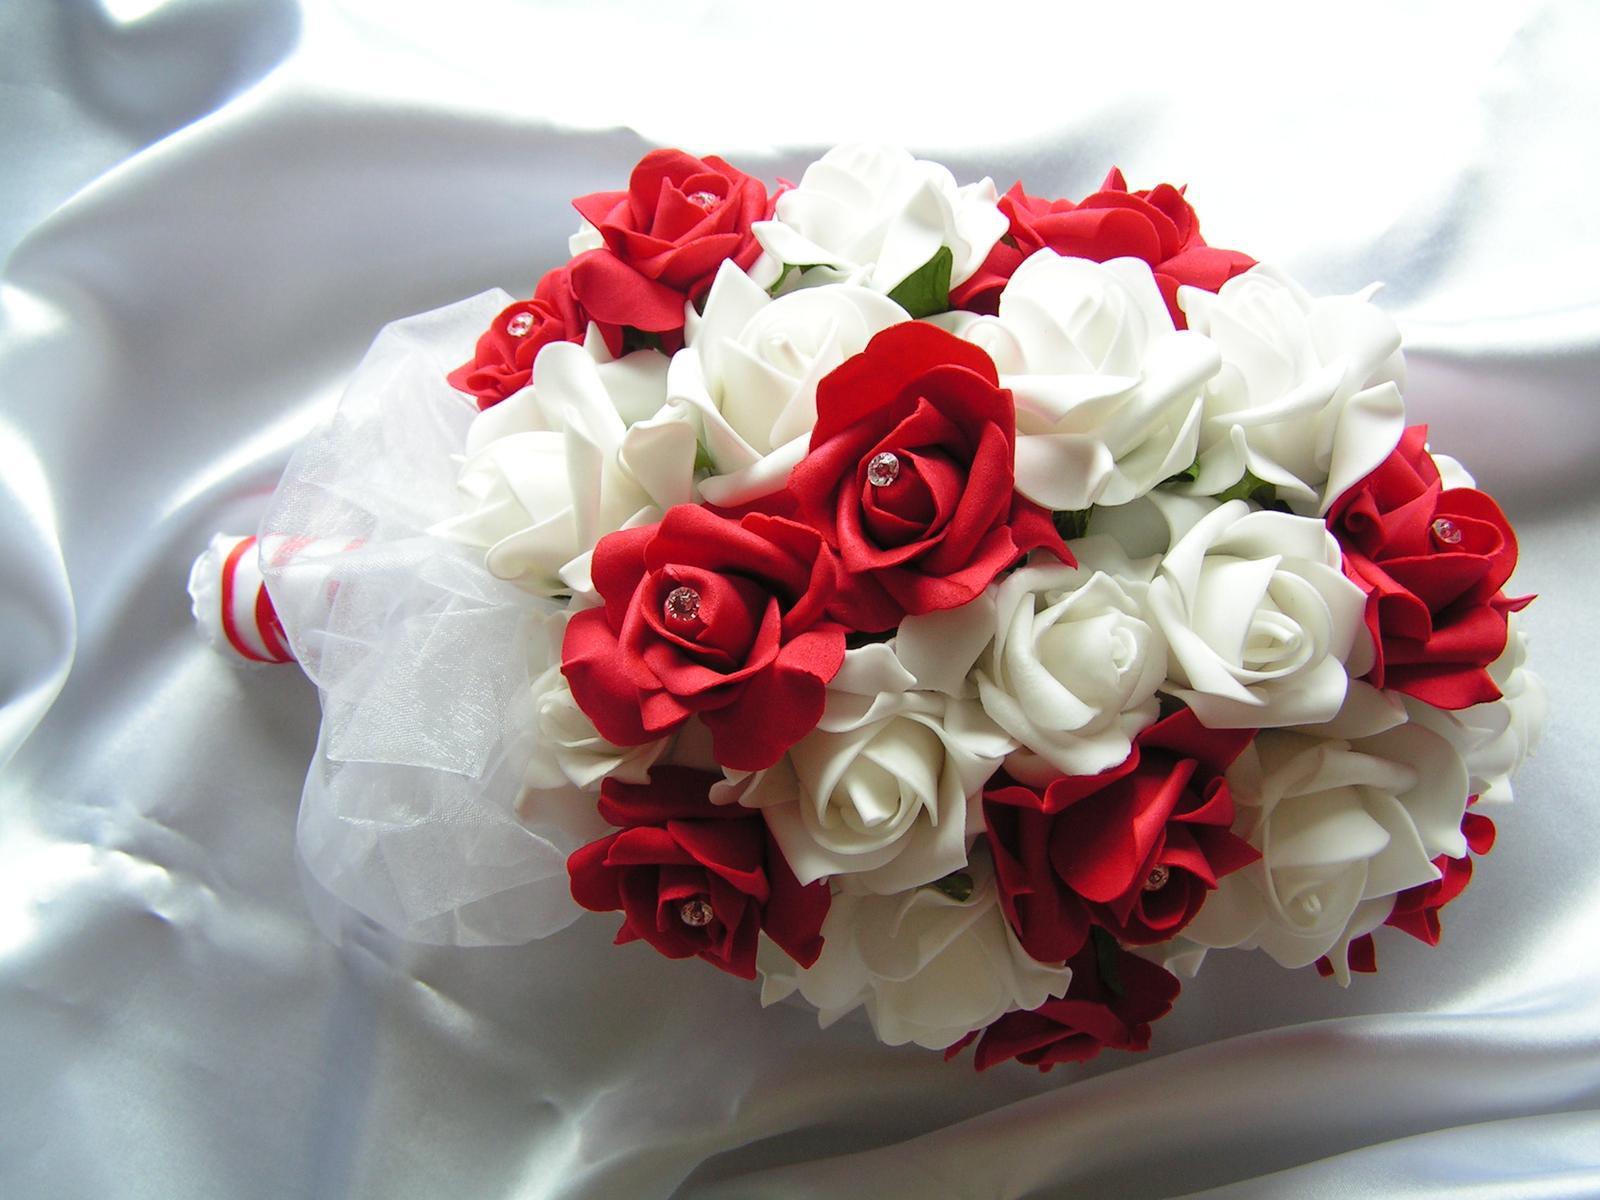 Kytice z pěnových růží - Obrázek č. 4